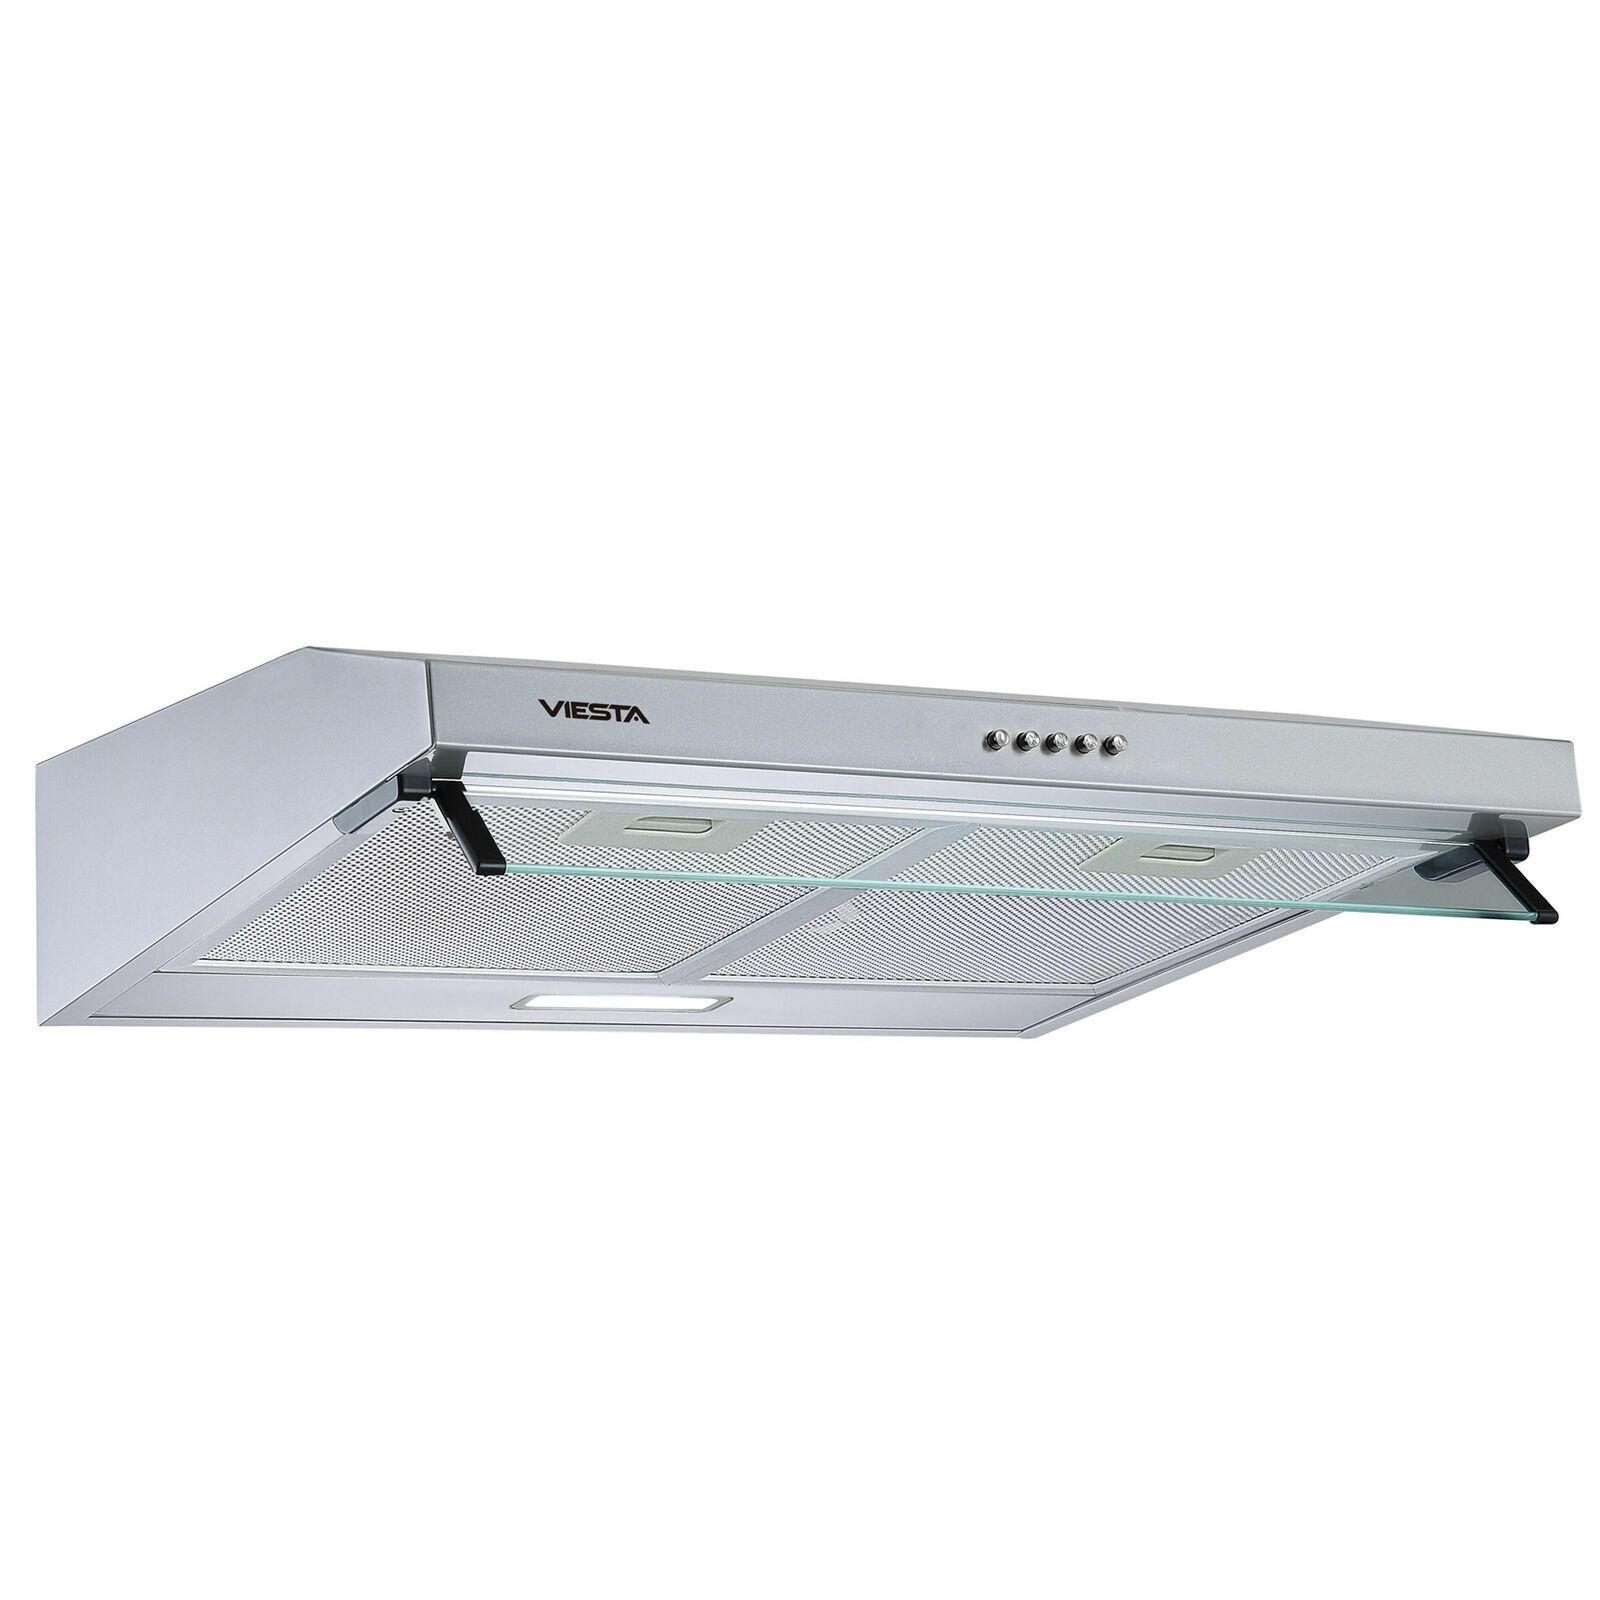 Unterbauhaube Dunstabzugshaube 60cm&LED Abluft&Umluft Edelstahl VDU6080SR Viesta